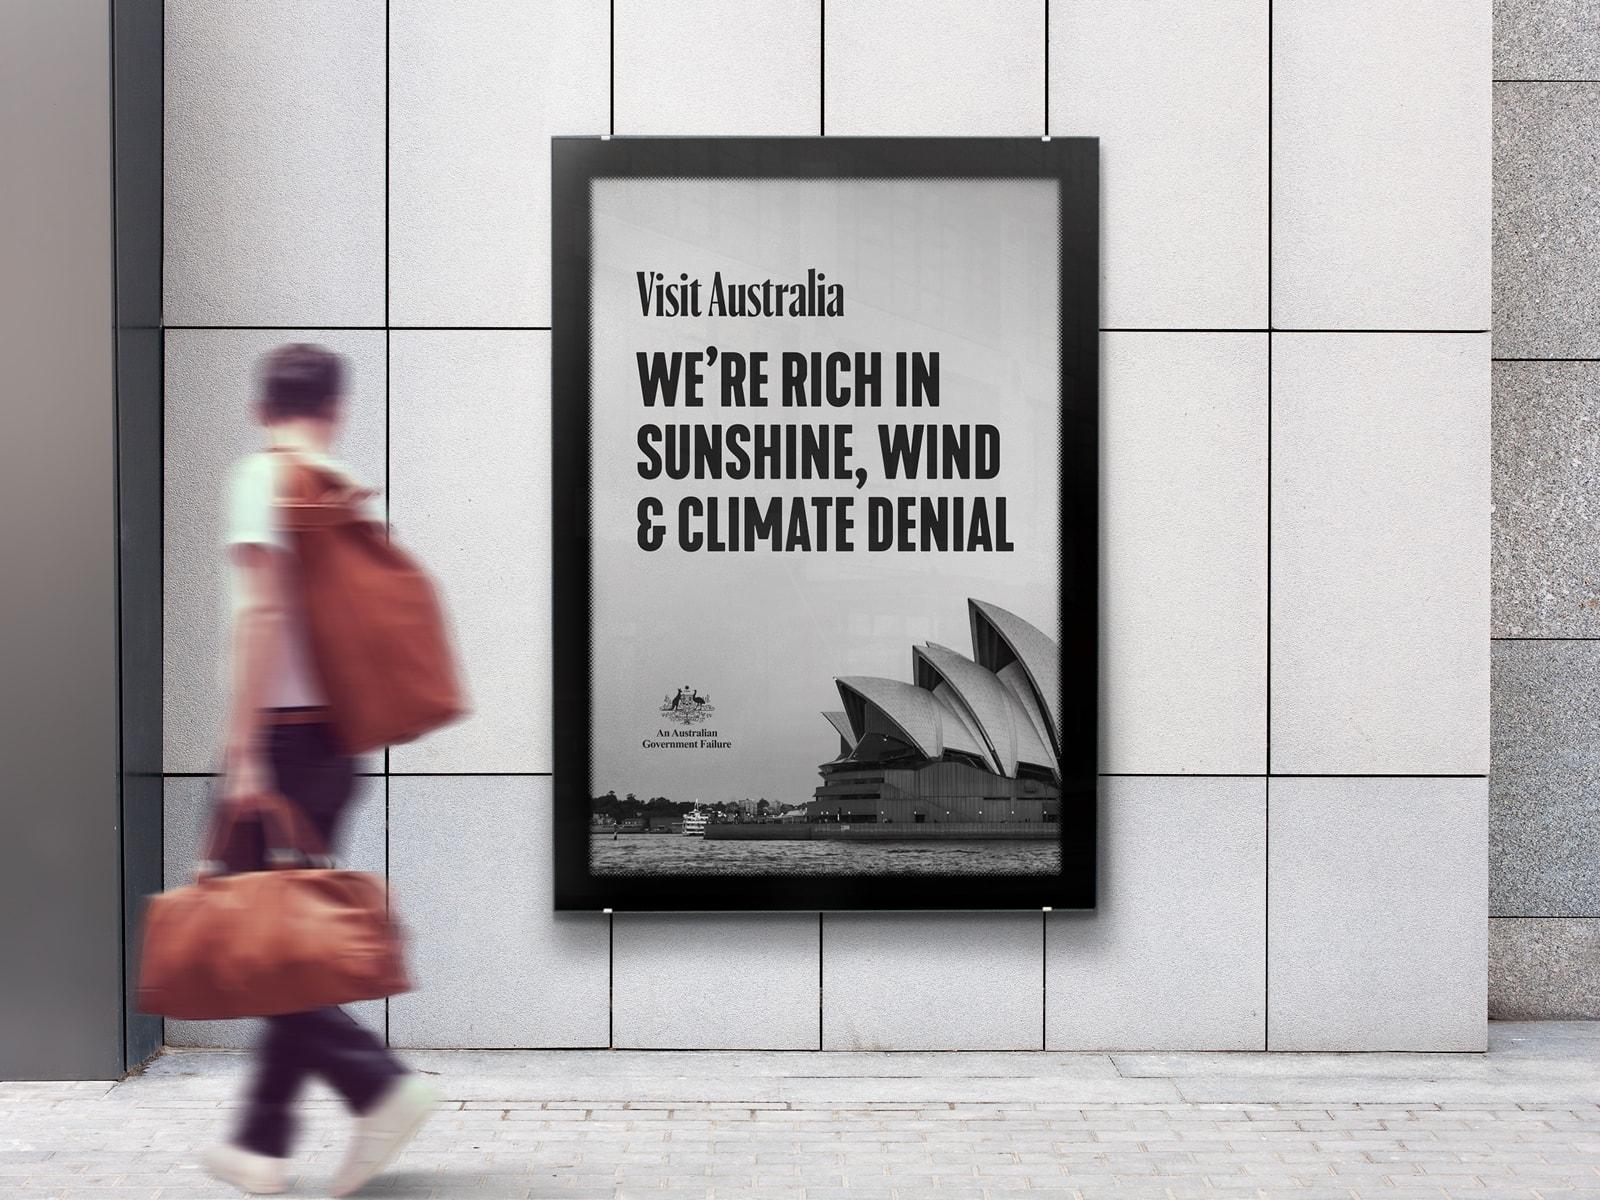 If Australian politicians were honest